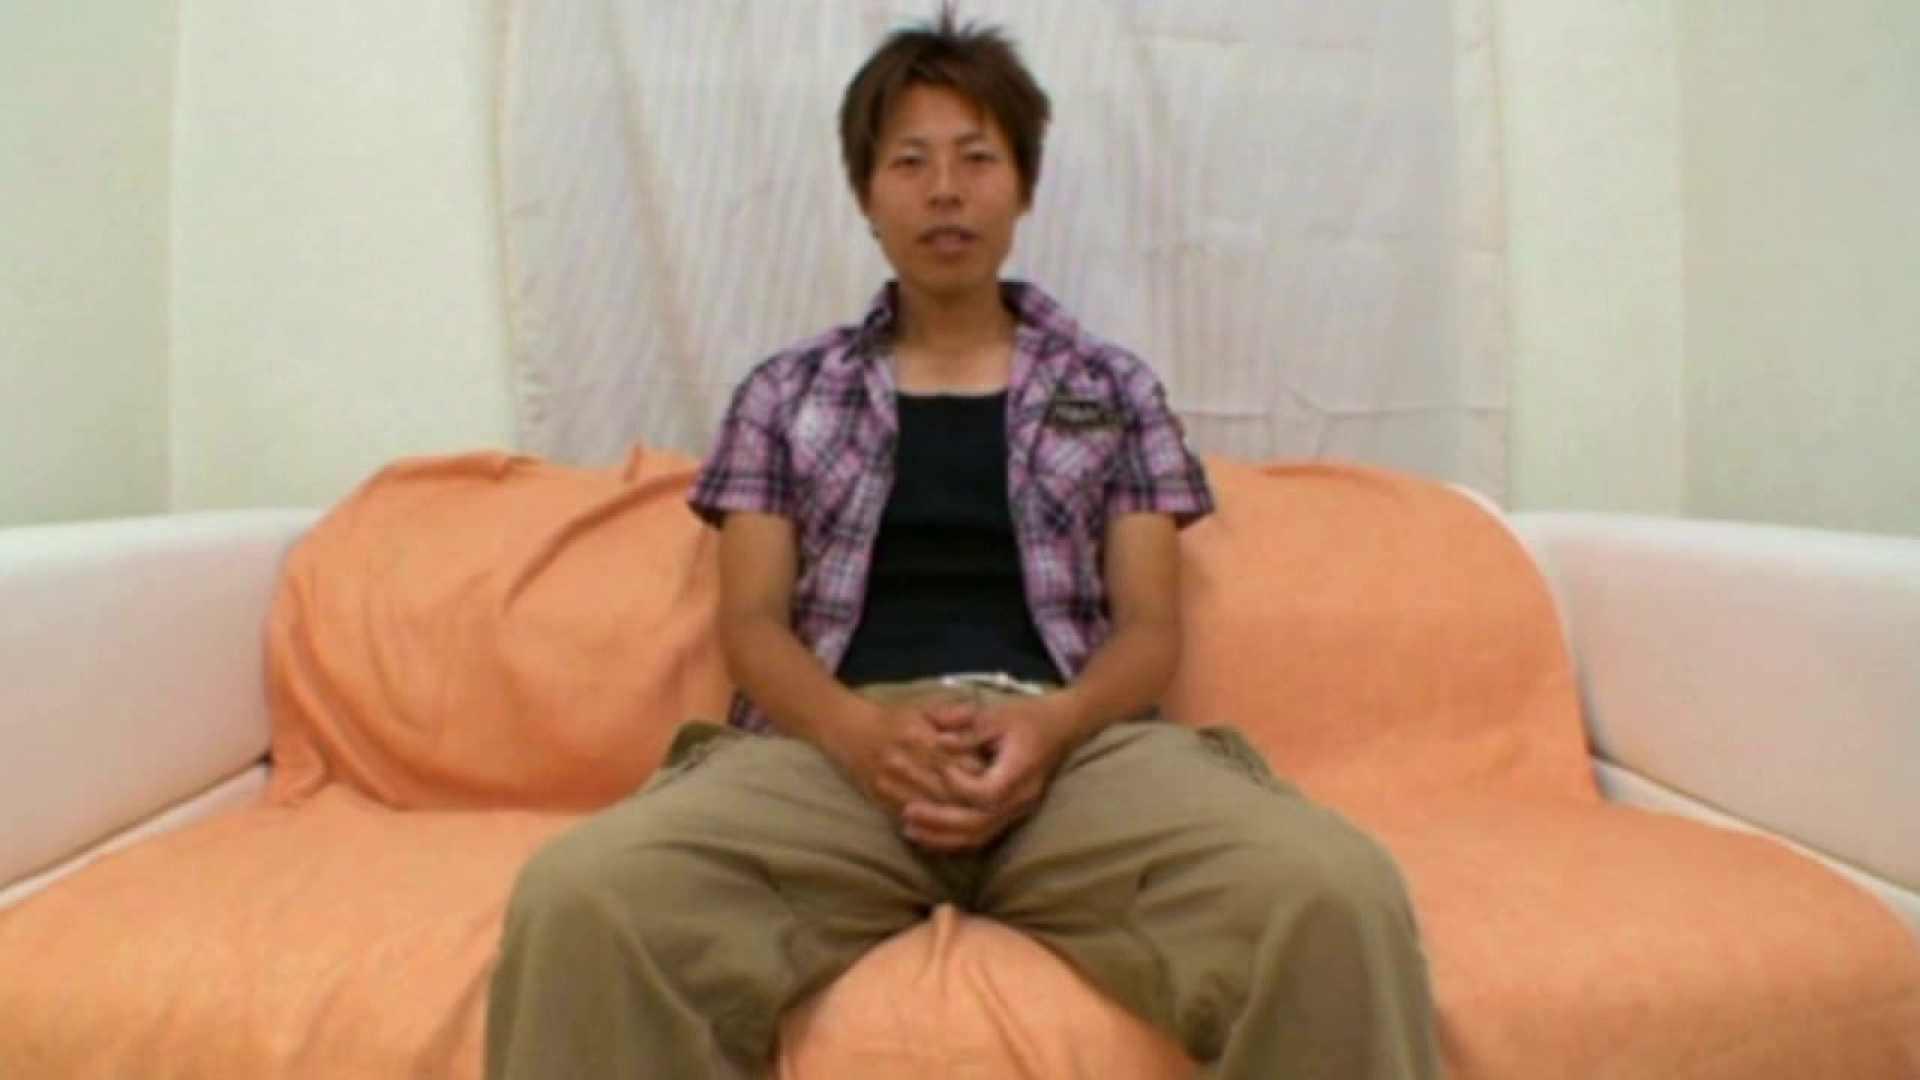 ノンケ!自慰スタジオ No.10 オナニー   素人ゲイ アダルトビデオ画像キャプチャ 47pic 9